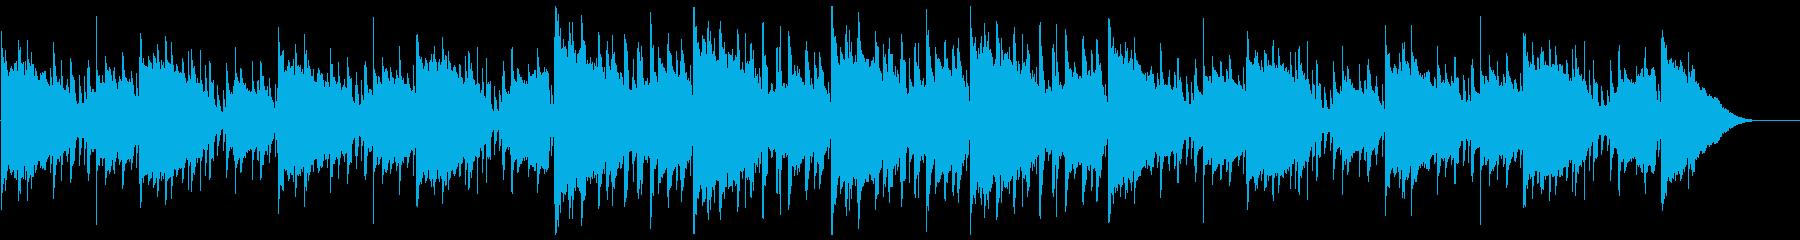 エンディング・リラックス・チルアウトの再生済みの波形